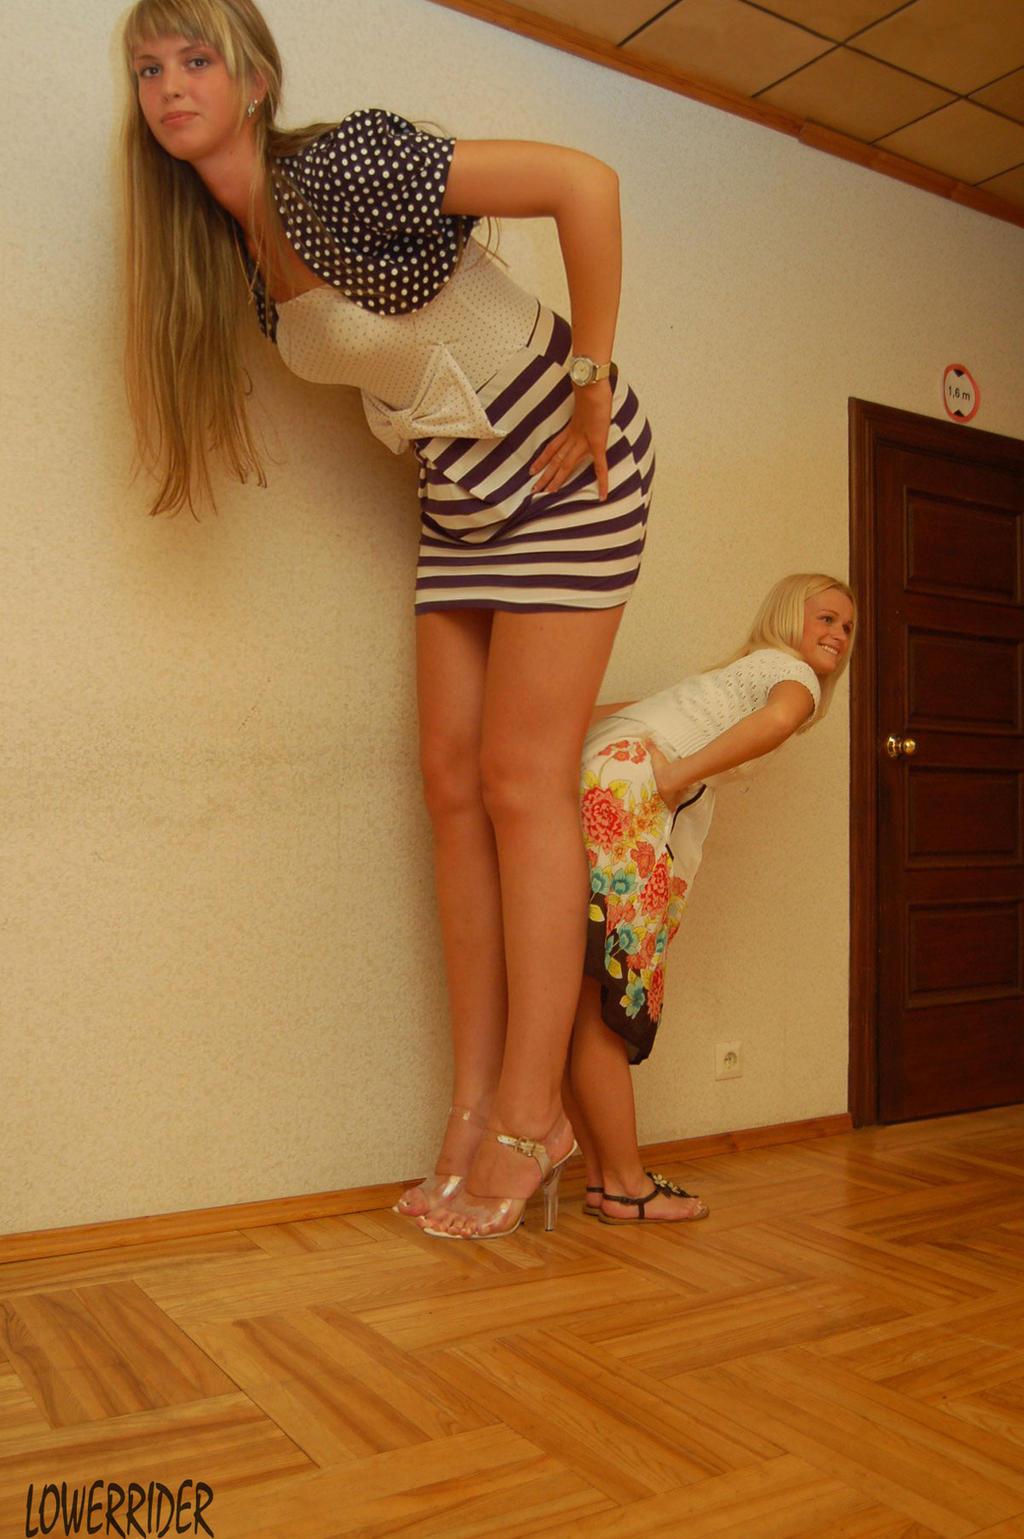 Freakishly tall naked girls, sluty teen college